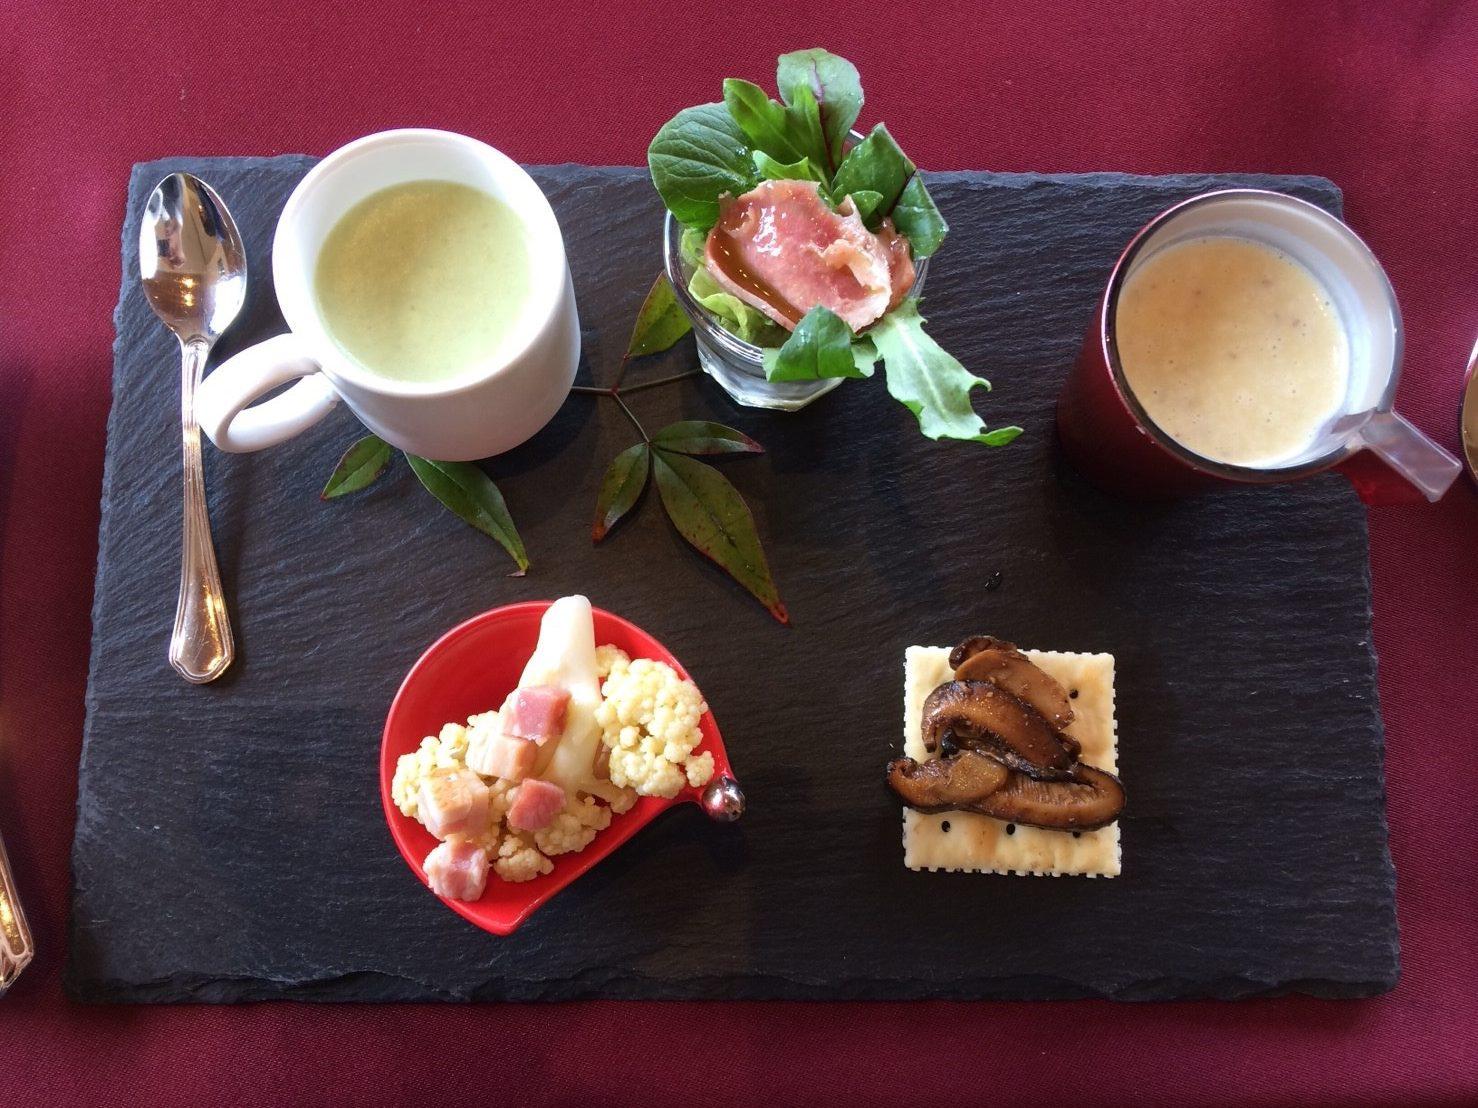 【ビストロネージュ】山鹿の田園ビストロで食べる自家菜園フレンチ